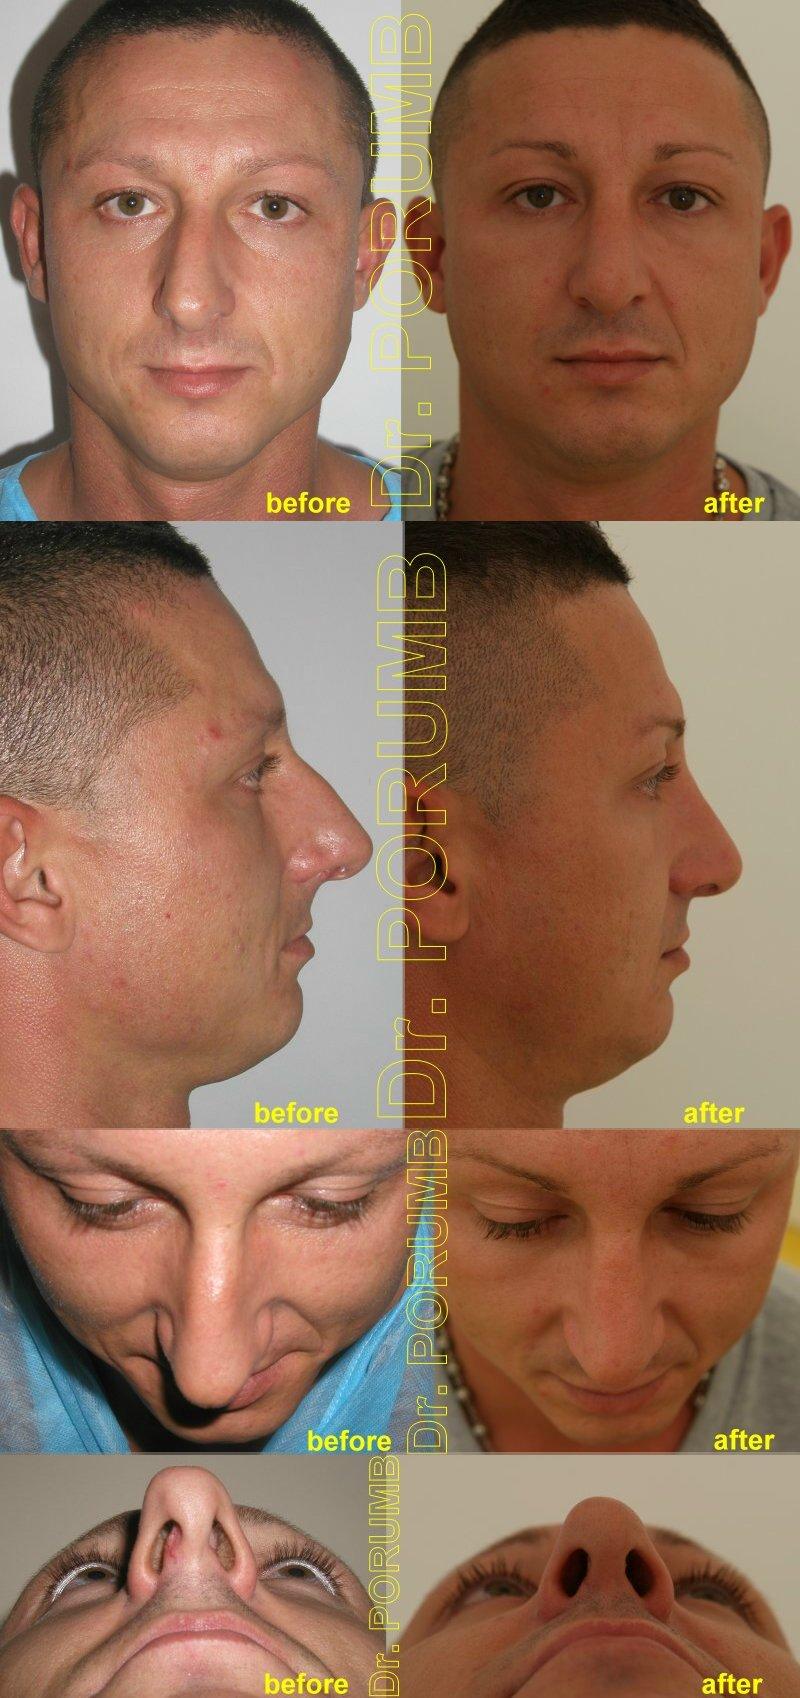 Pacient in varsta de 29 de ani, nemultumit de aspectul deviat, stramb si inclinat al nasului, precum si de marimea acestuia, de lungimea si proiectia in exces, dar si de dificultati respiratorii, doreste sa apeleze la o interventie de rinoplastie (modelare nas, operatie la nas) si septoplastie pentru corectia deviatiei de sept, micsorarea nasului, scurtarea nasului, diminuarea proiectiei varfului nasului si indreptarea nasului